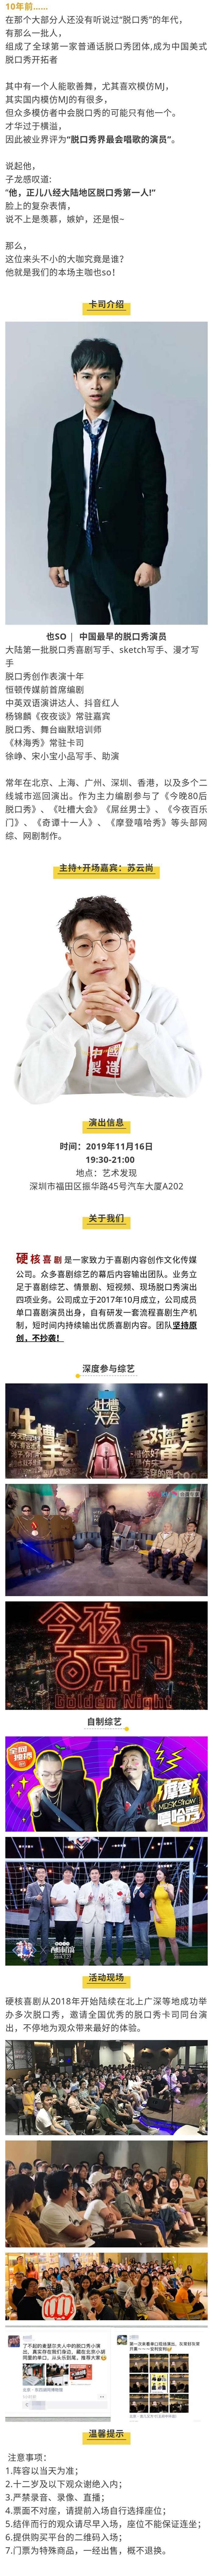 也so深圳 (2).jpg